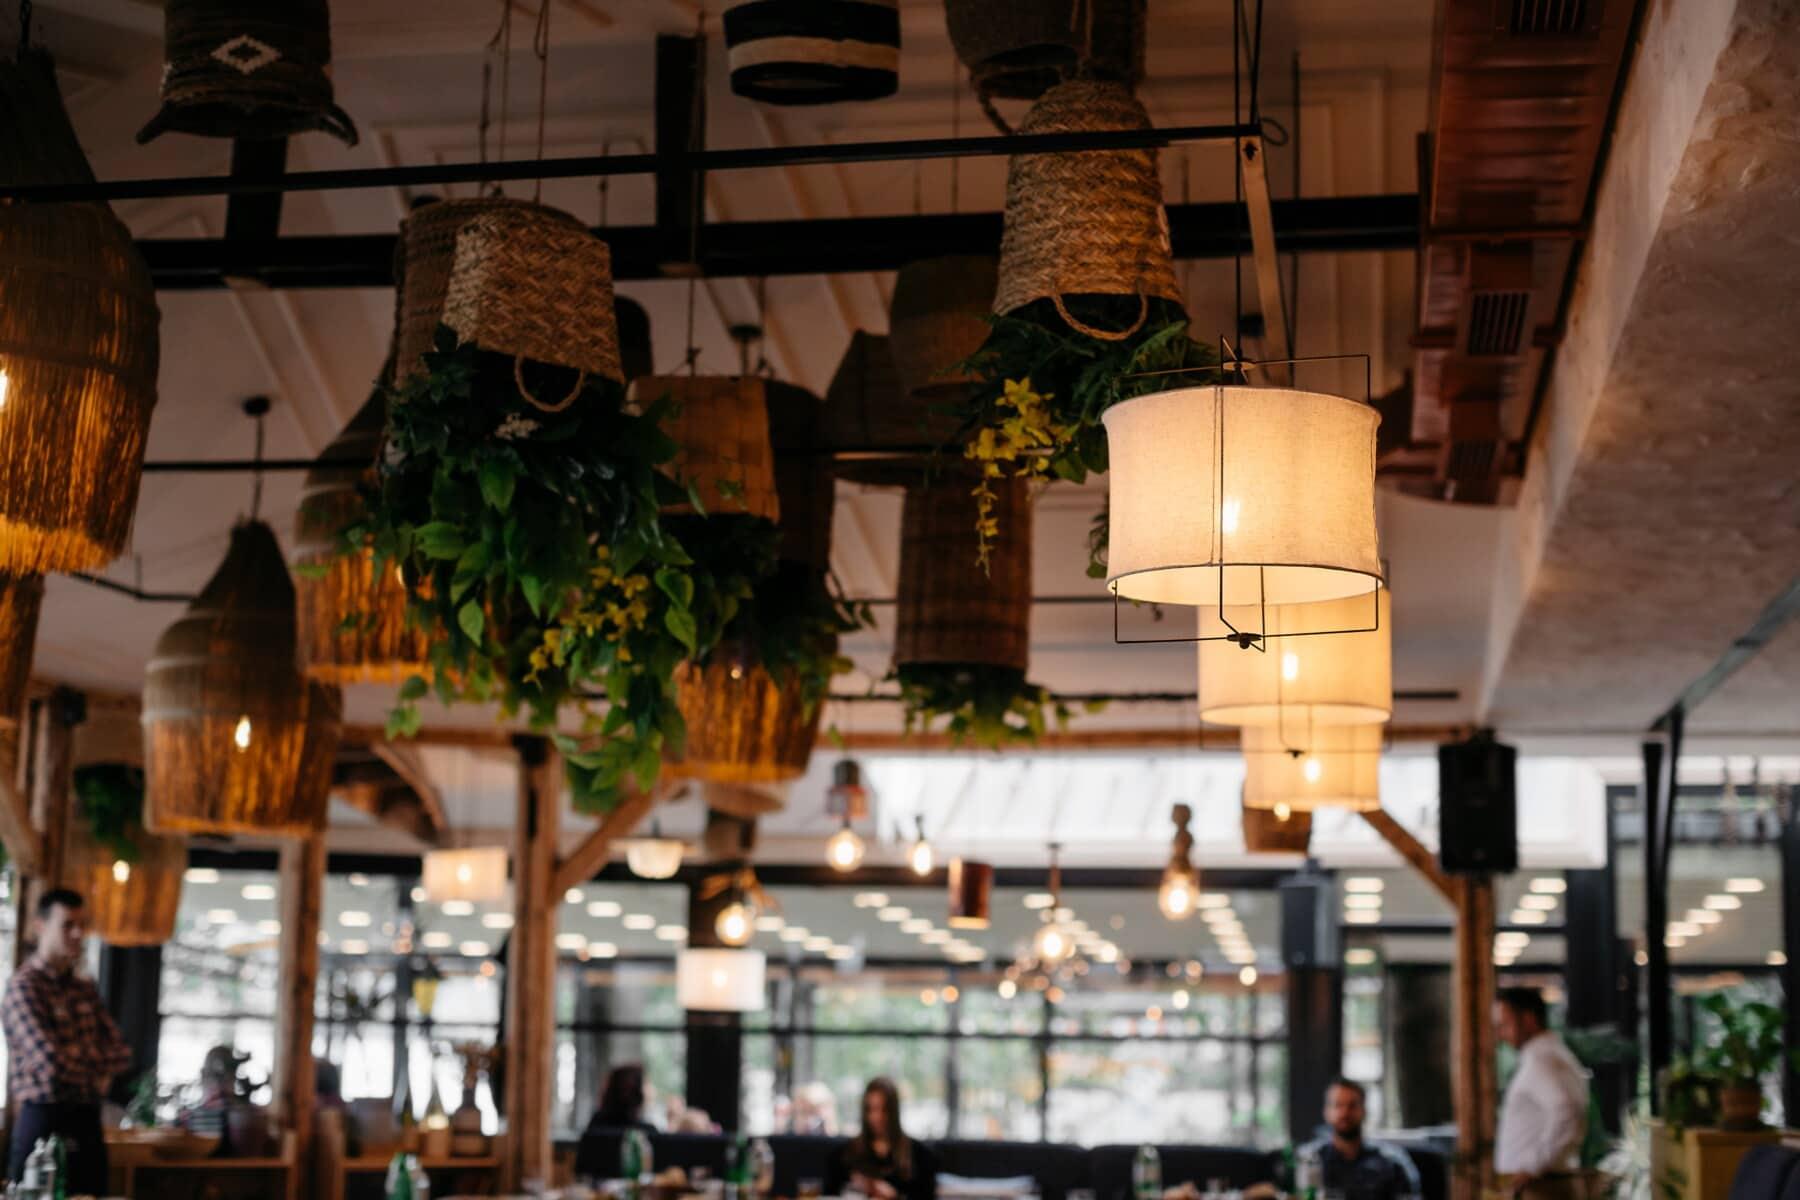 Laterne, Jahrgang, Restaurant, Decke, Cafeteria, Architektur, Lampe, Menschen, Einkaufen, Stadt